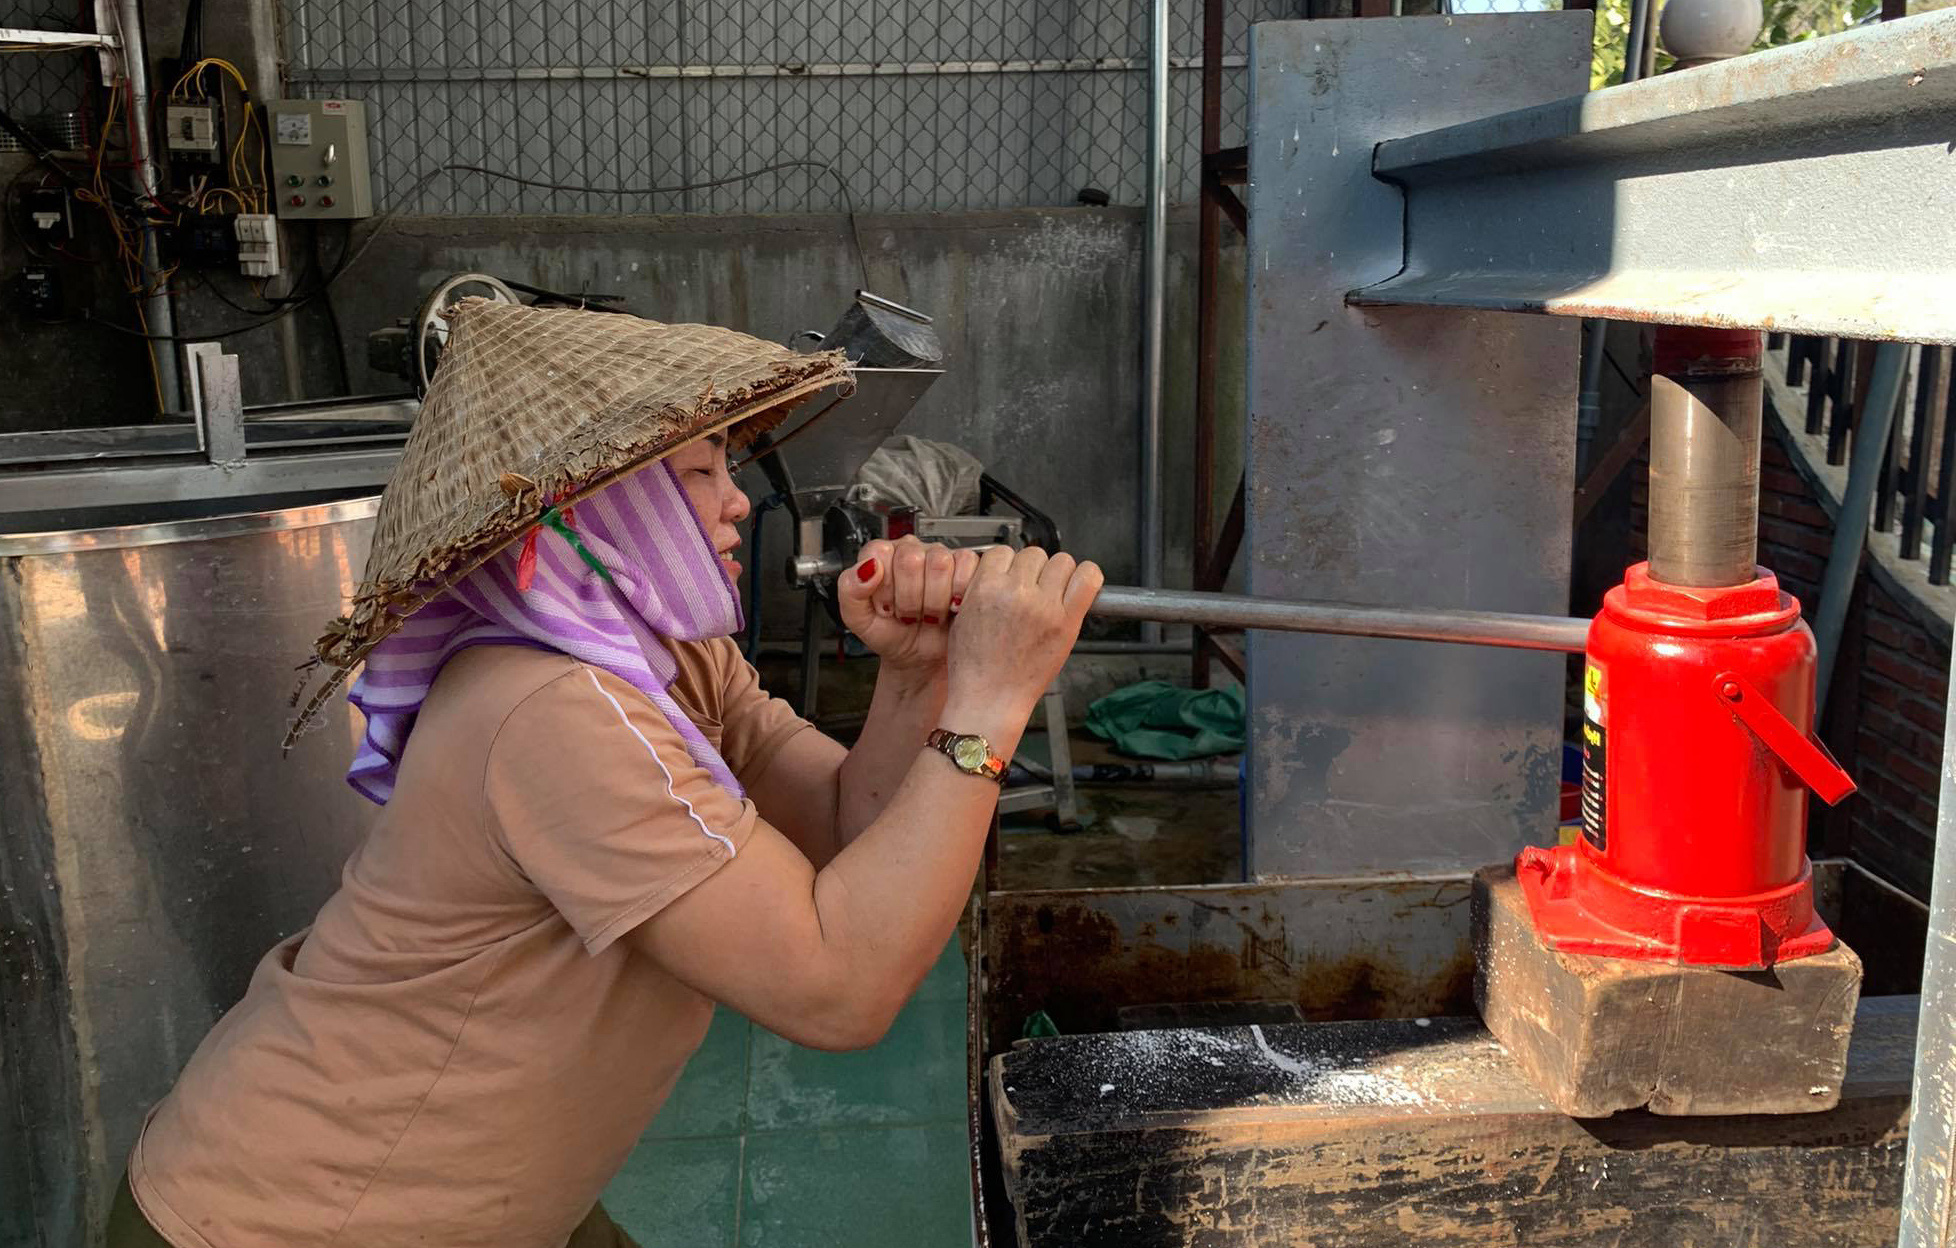 Bỏ cà phê, tiêu nông dân làm việc này để kiếm hàng trăm triệu mỗi năm - Ảnh 2.